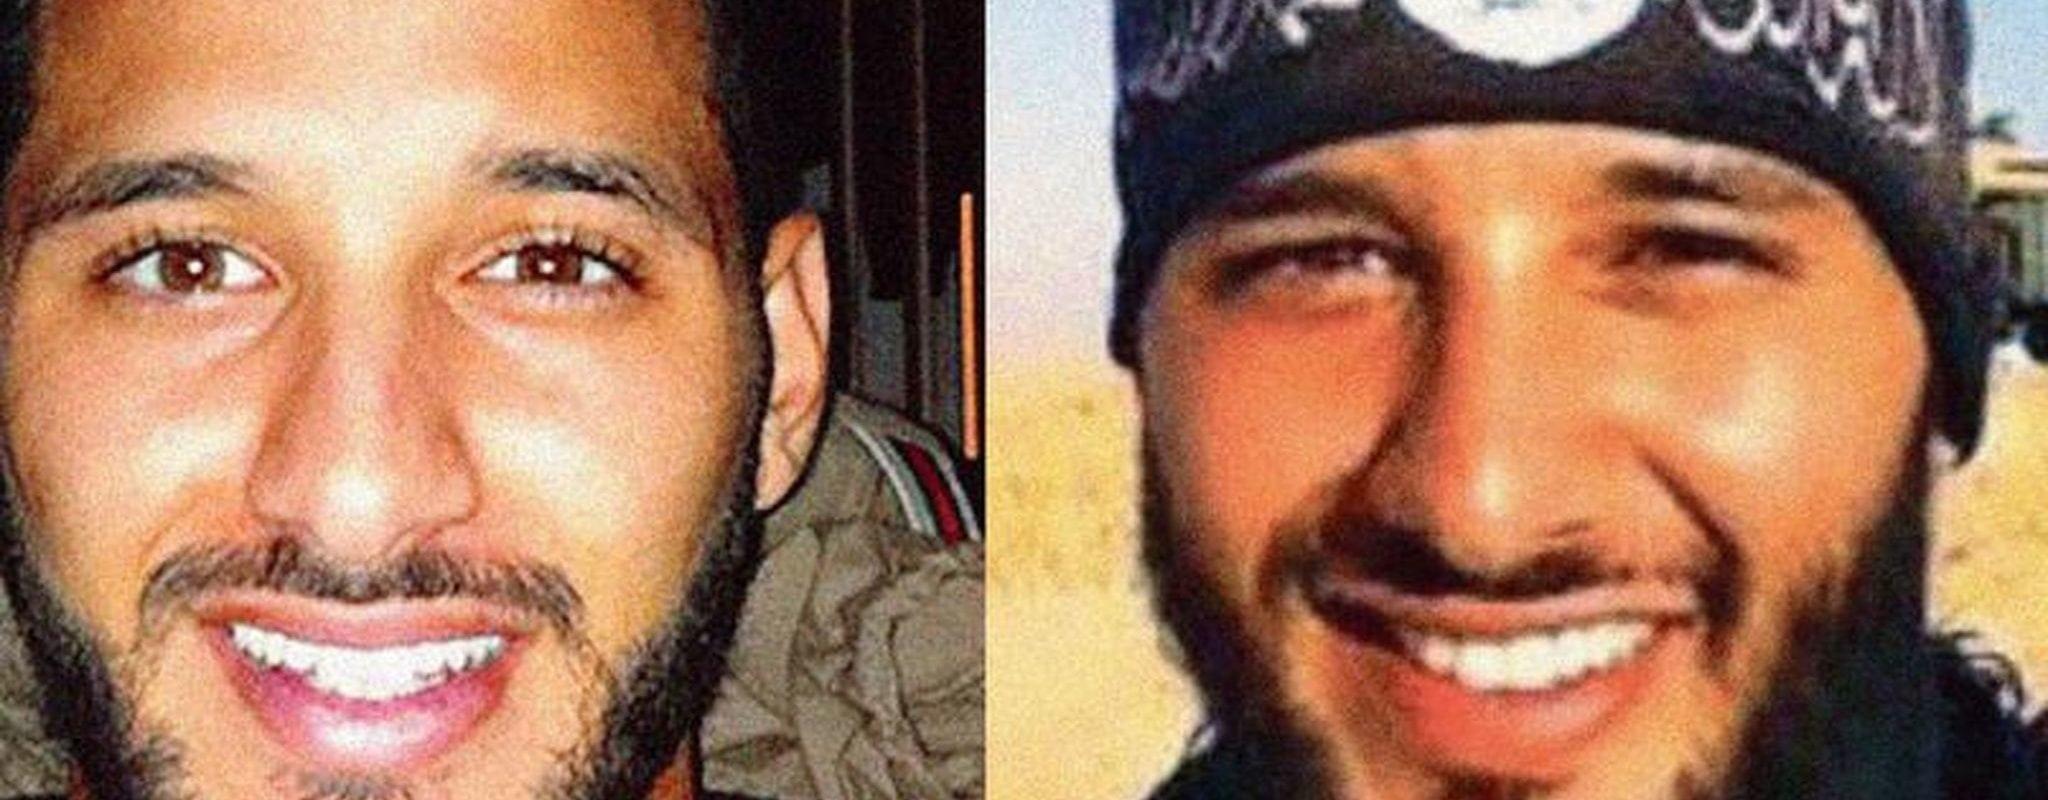 Djihad en Syrie : le procès de la «filière de Strasbourg» démarre lundi